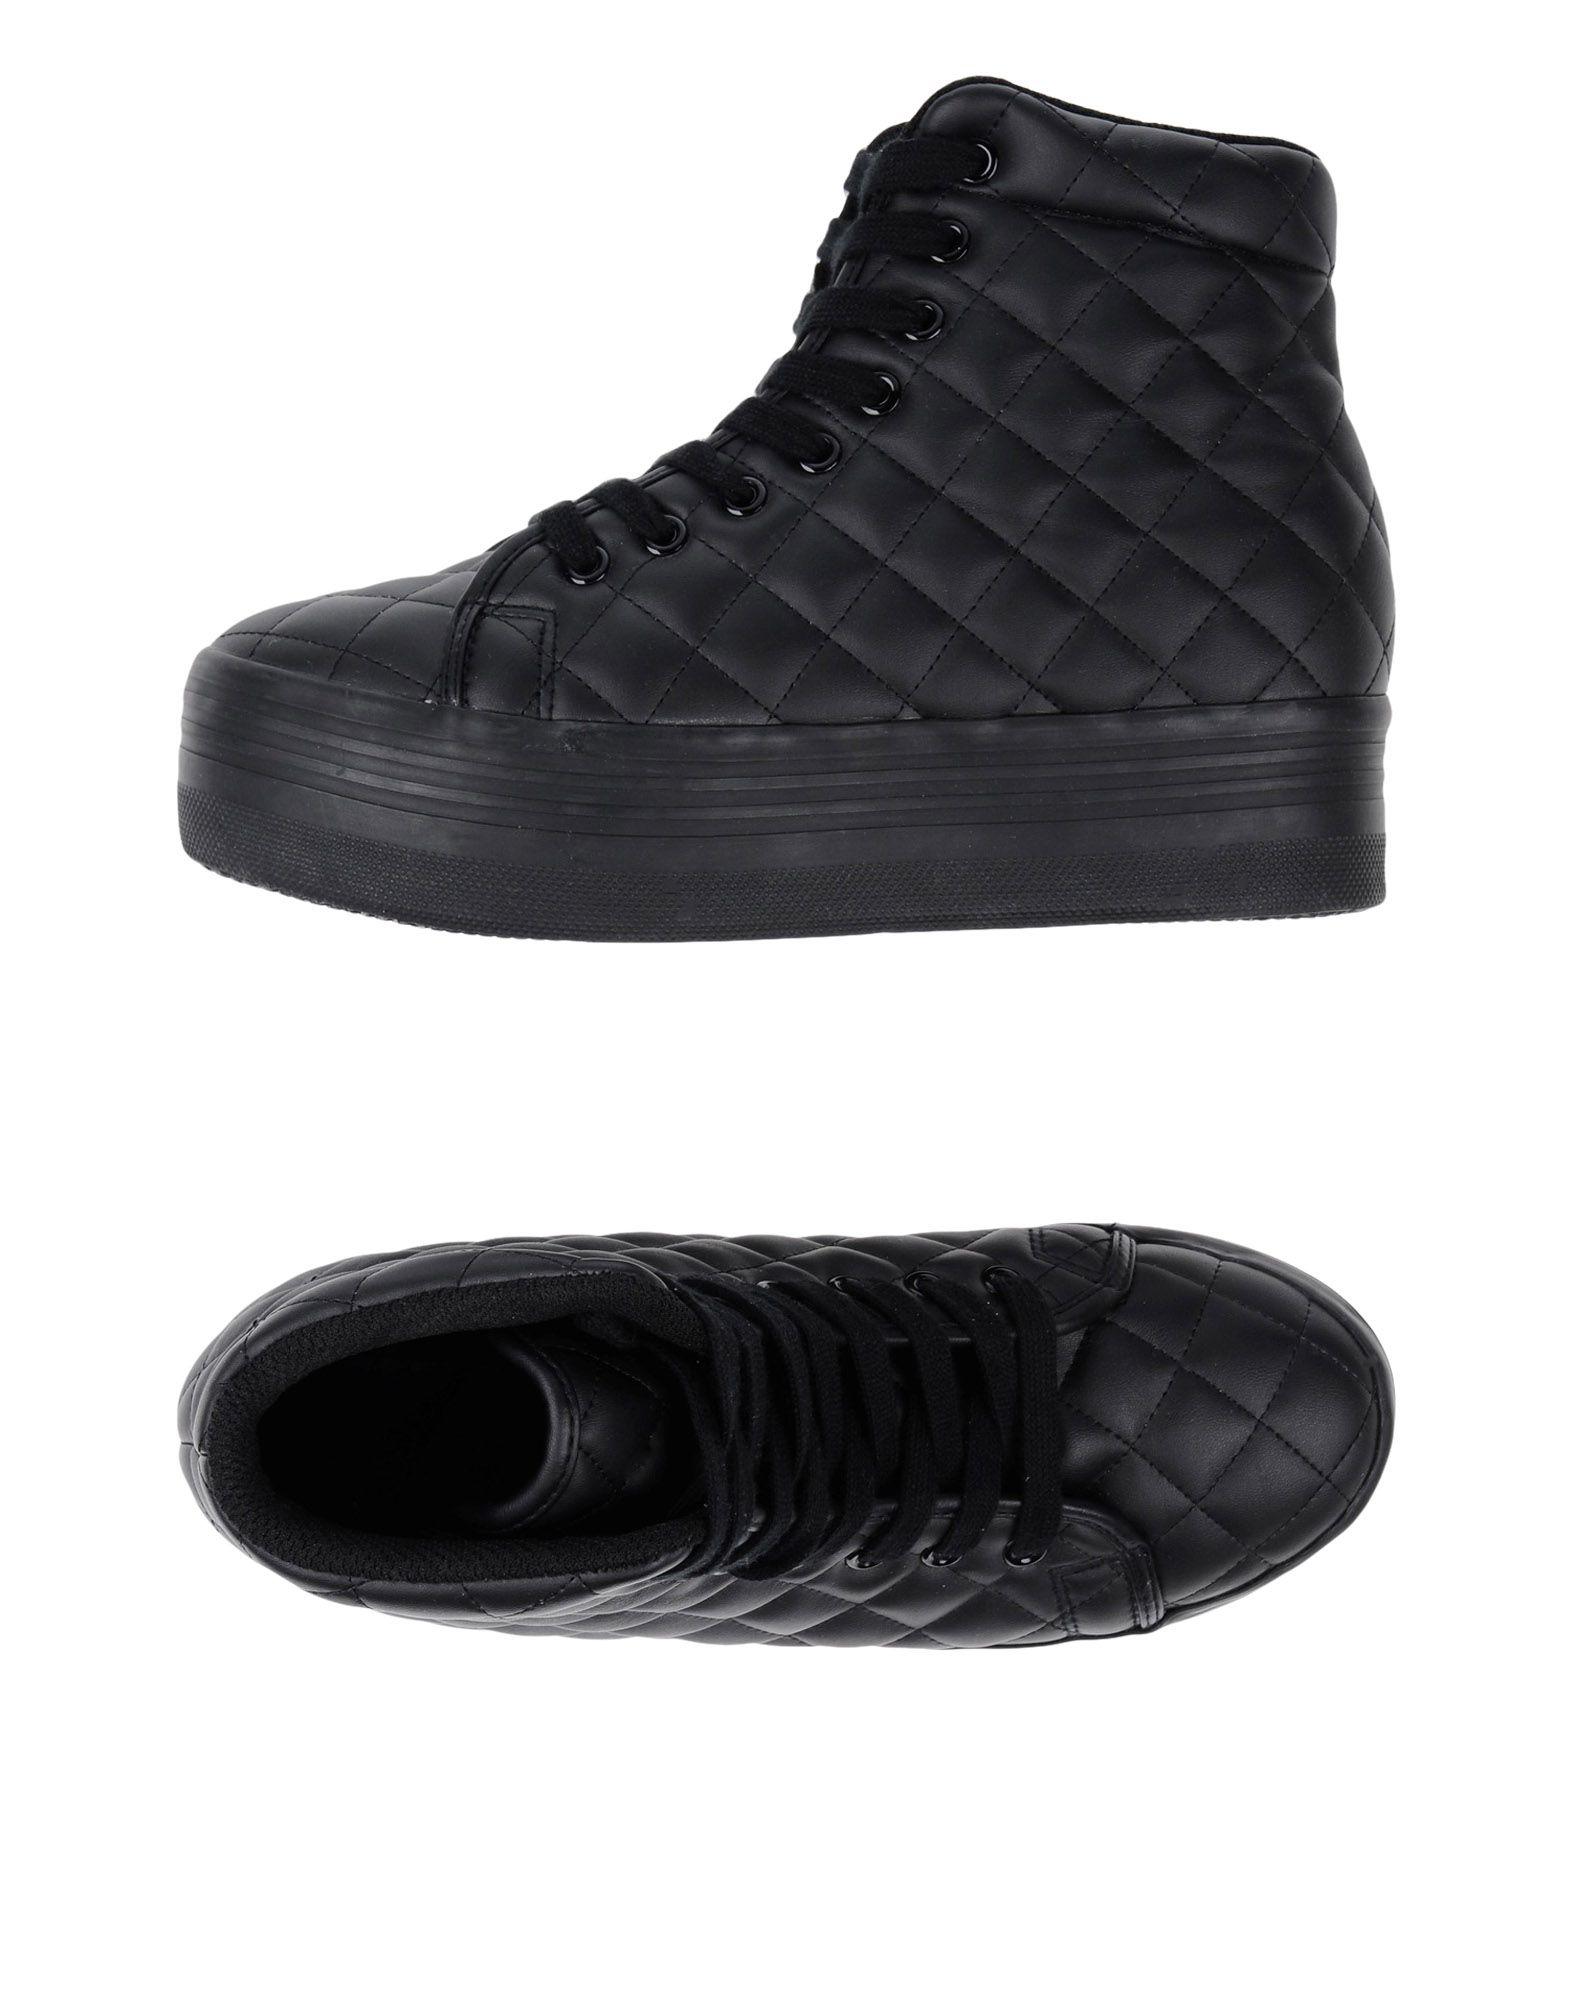 Jc Play By Jeffrey Campbell Sneakers Damen  11333937IM 11333937IM  Gute Qualität beliebte Schuhe 85e0ee